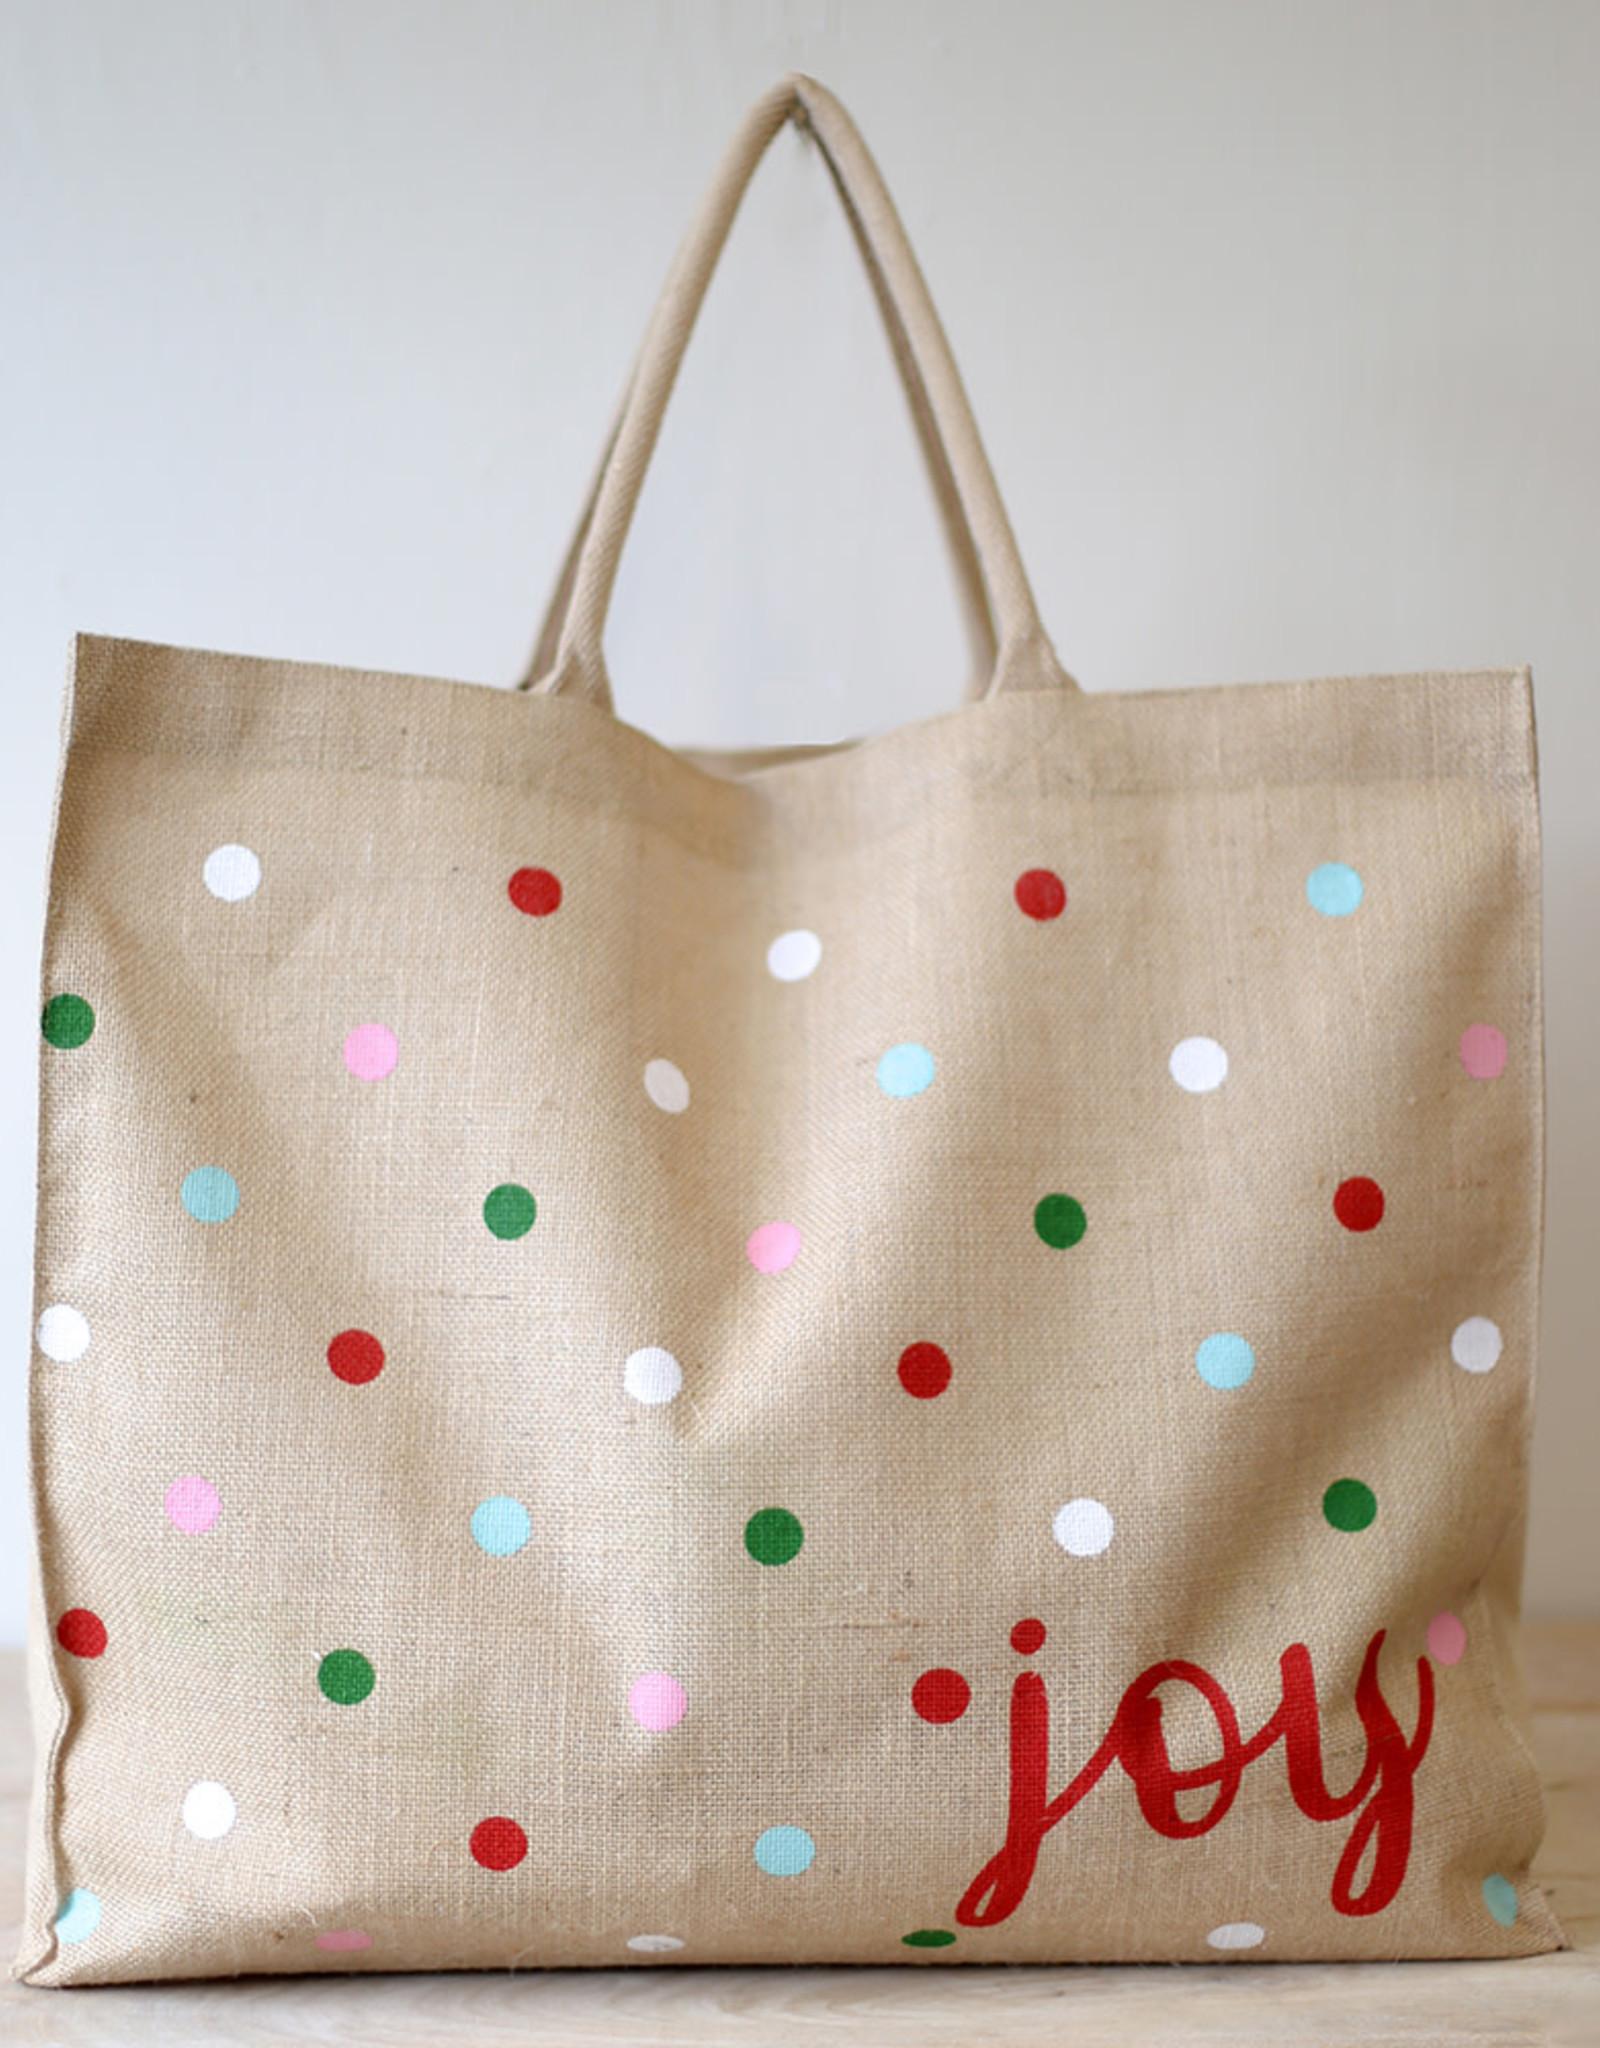 Wink Confetti Joy Tote